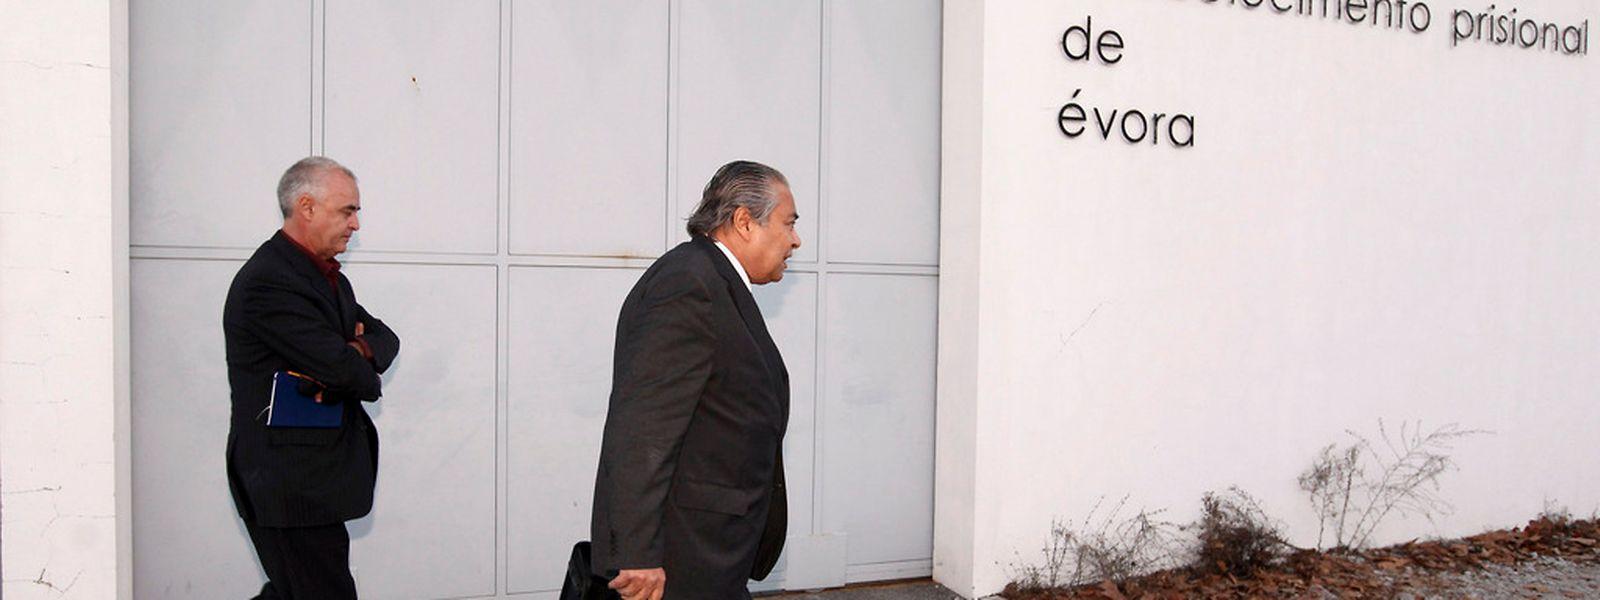 Os advogados João Araújo (D) e Pedro Pulido, à saida do Estabelecimento Prisional de Évora onde estiveram reunidos com o seu cliente, o ex-primeiro ministro, José Sócrates, que está indiciado por crimes de corrupção, fraude fiscal qualificada e branqueamento de capitais.